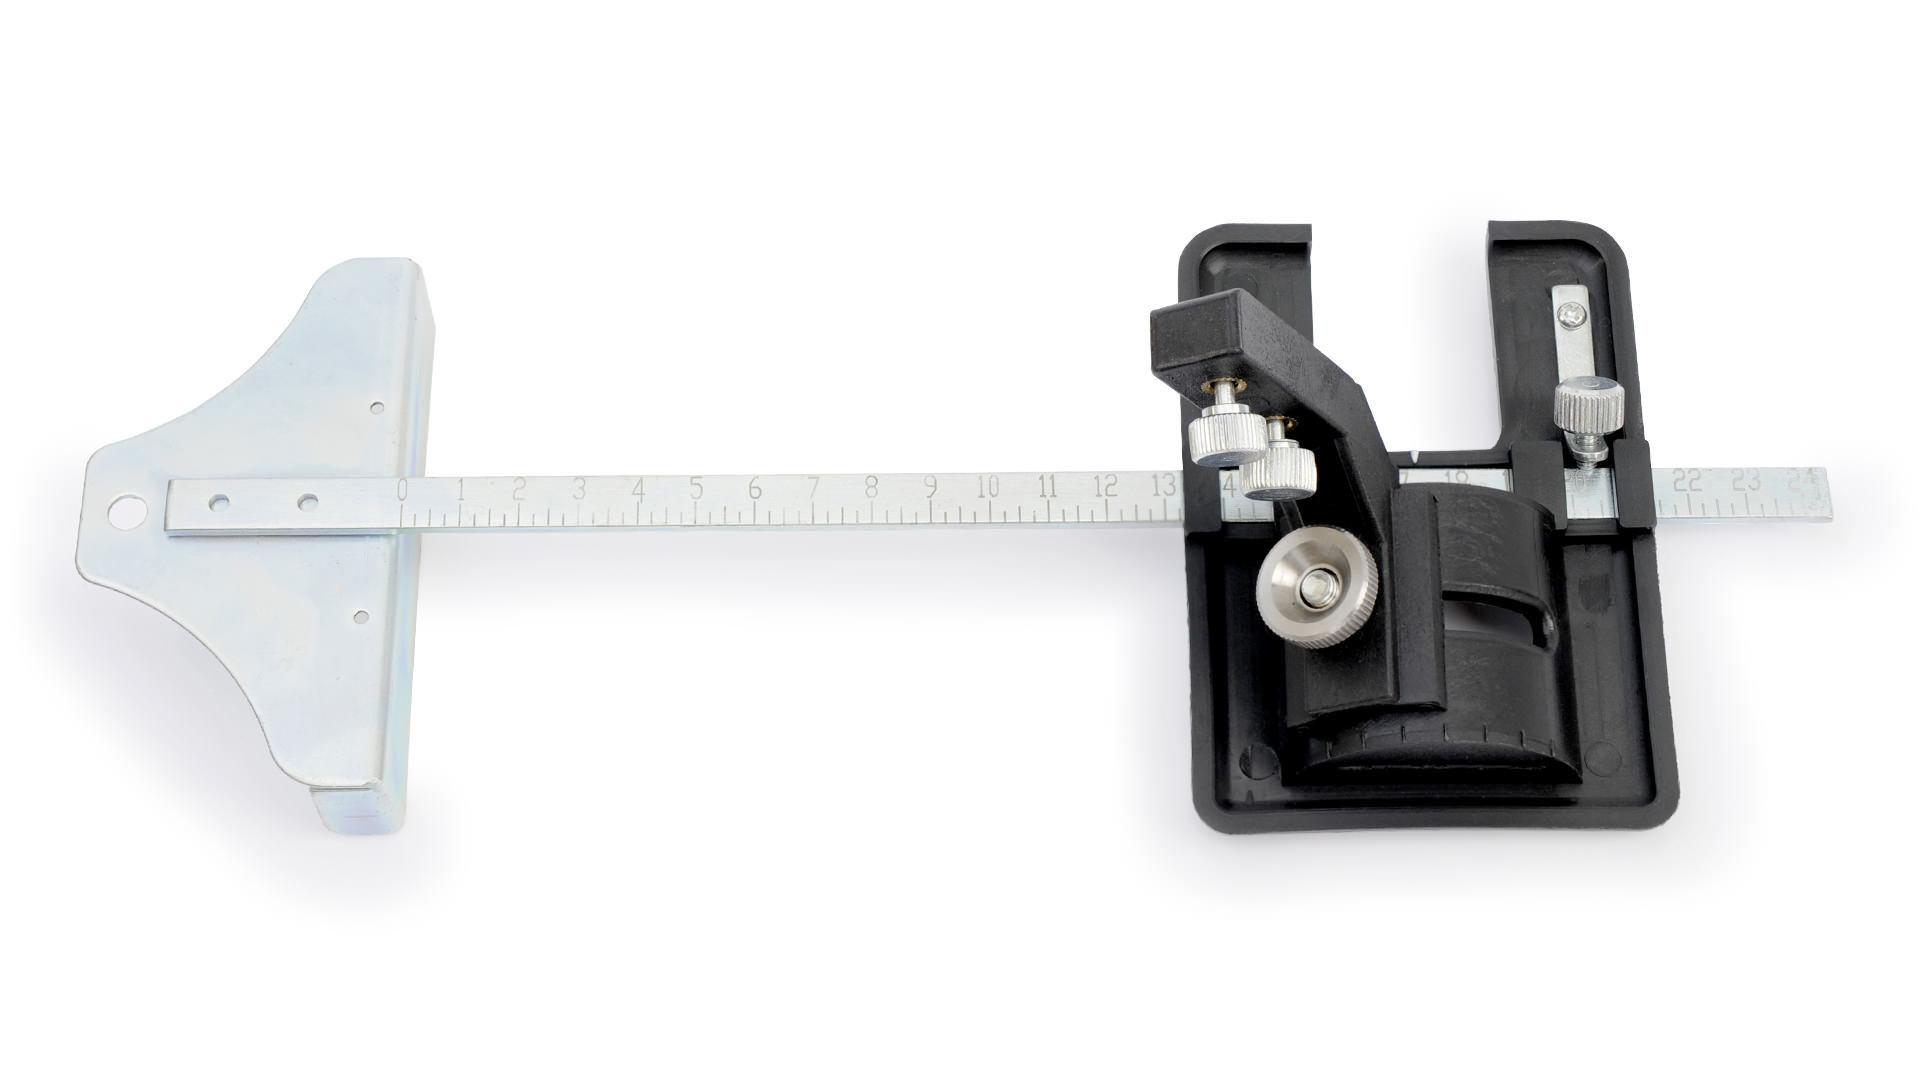 styroporschneider handschneider styrocutter nuten ausschneiden. Black Bedroom Furniture Sets. Home Design Ideas